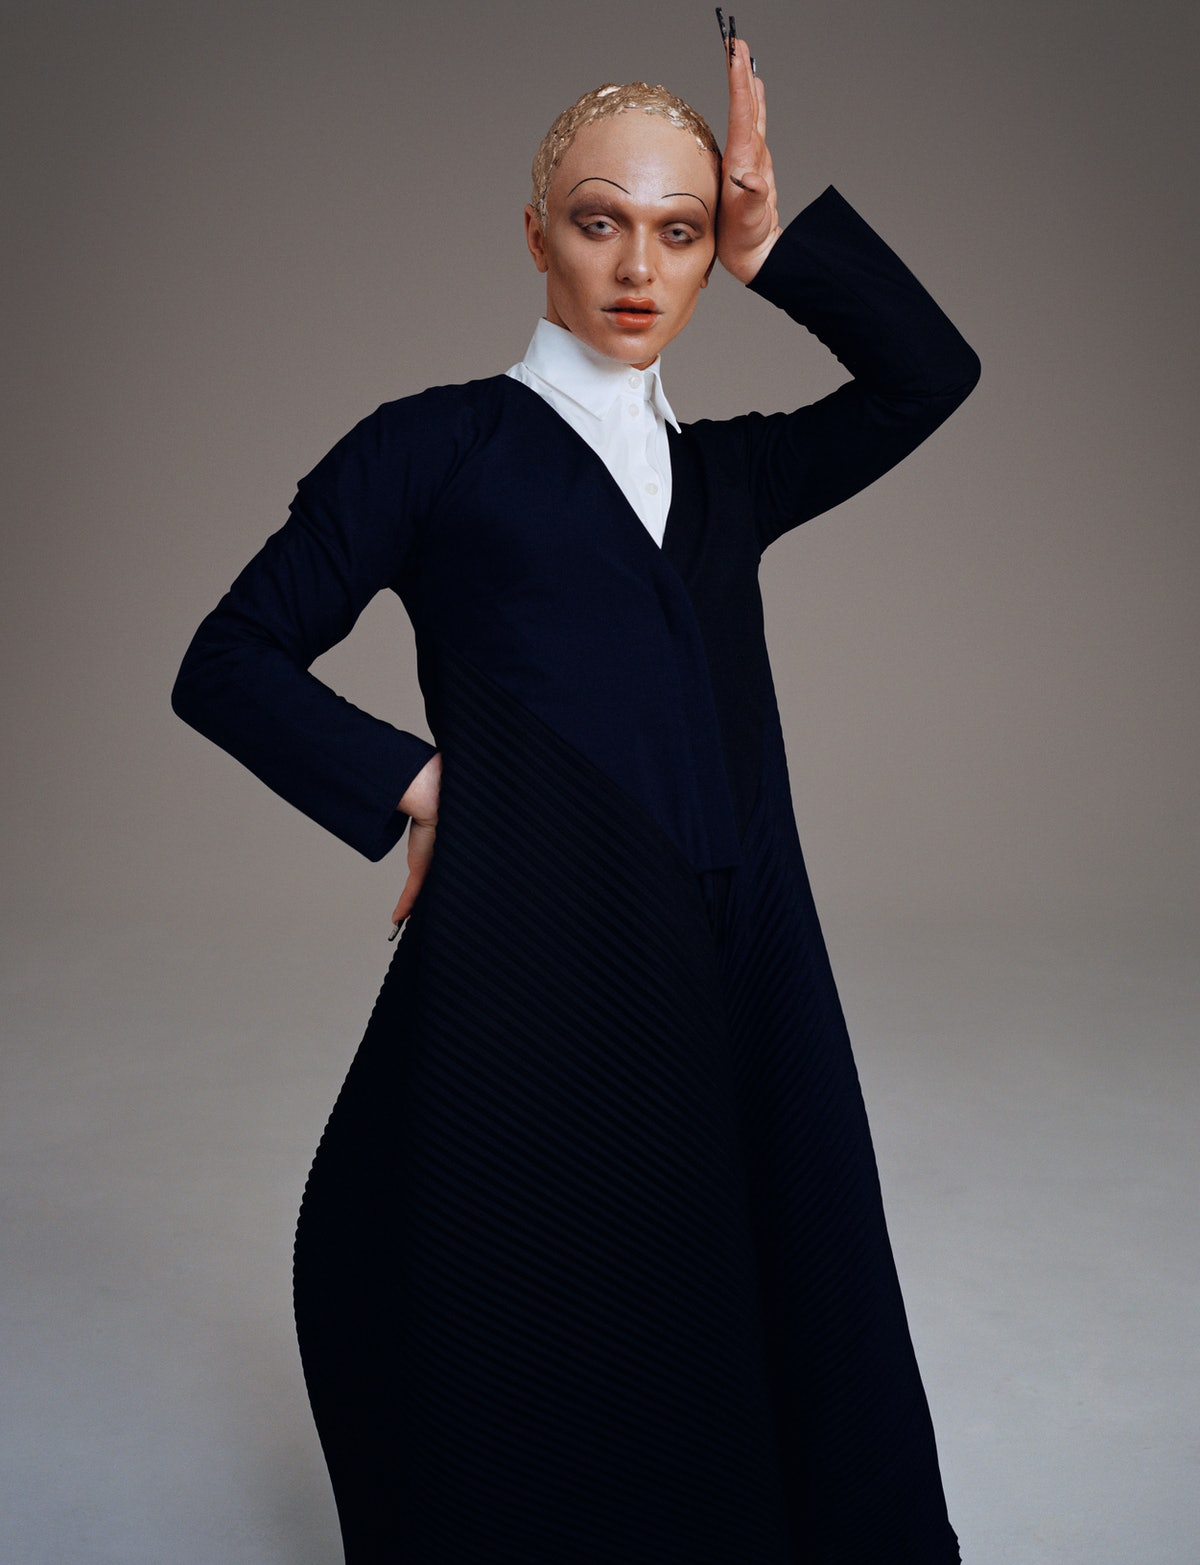 Model Bimini Bon Boulash wears a Loewe jacket and skirt; Prada white romper.